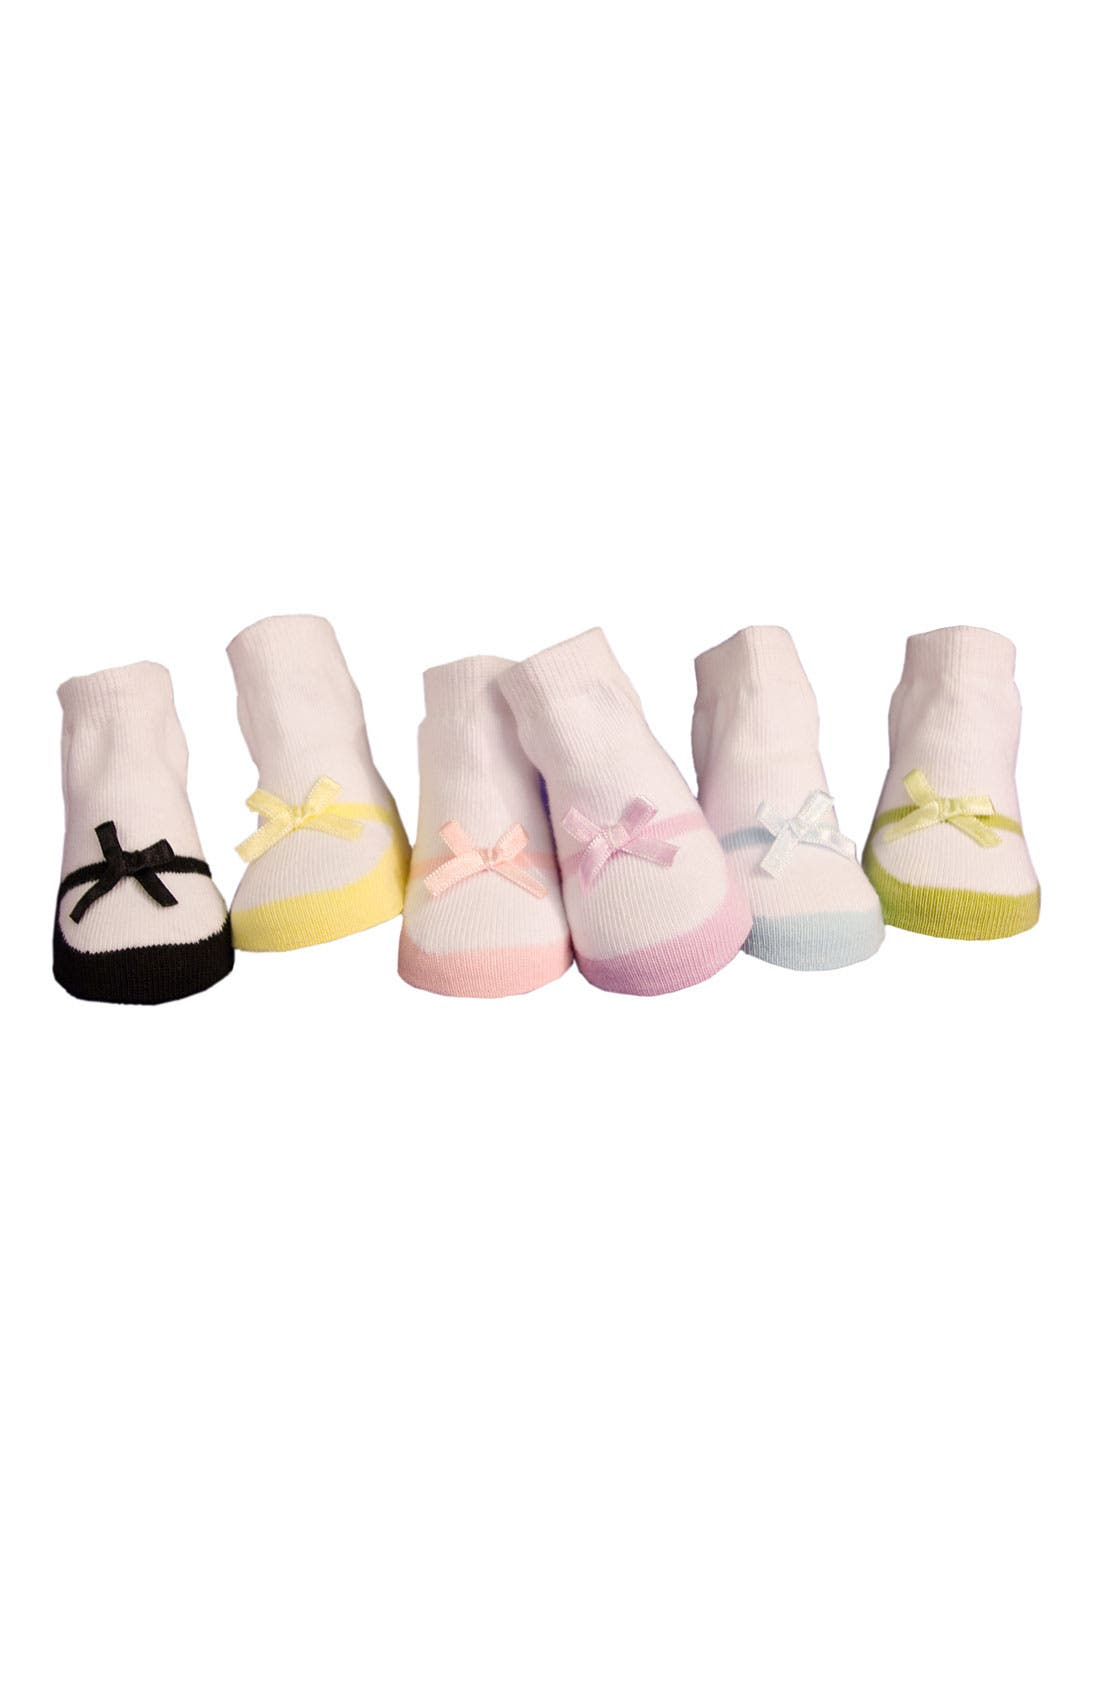 Alternate Image 1 Selected - Trumpette Socks Gift Set (Baby Girls)